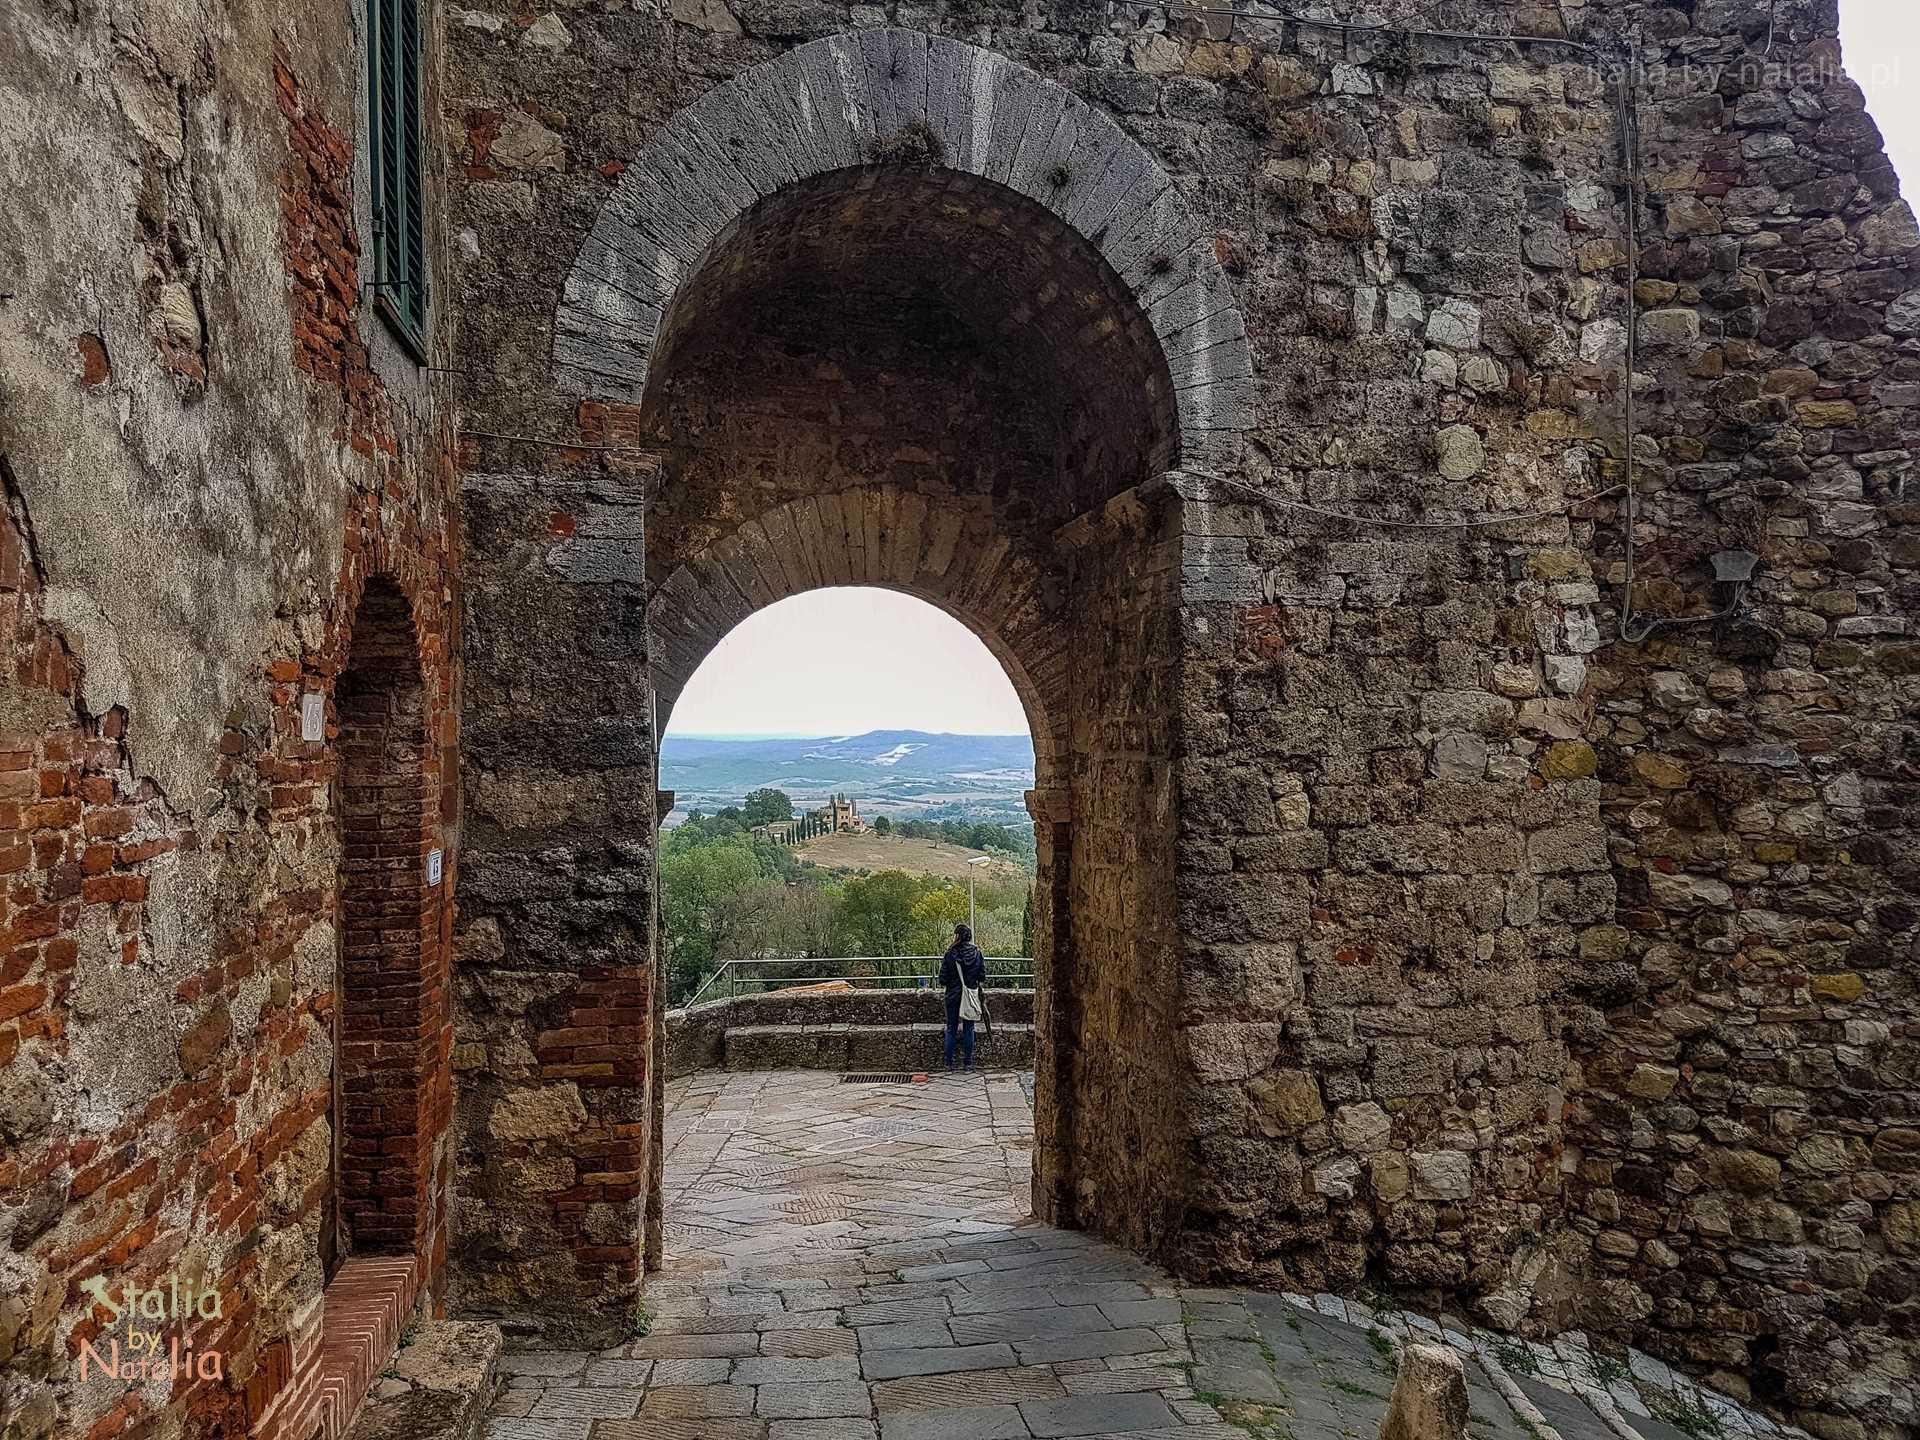 Toskania – Italia by Natalia